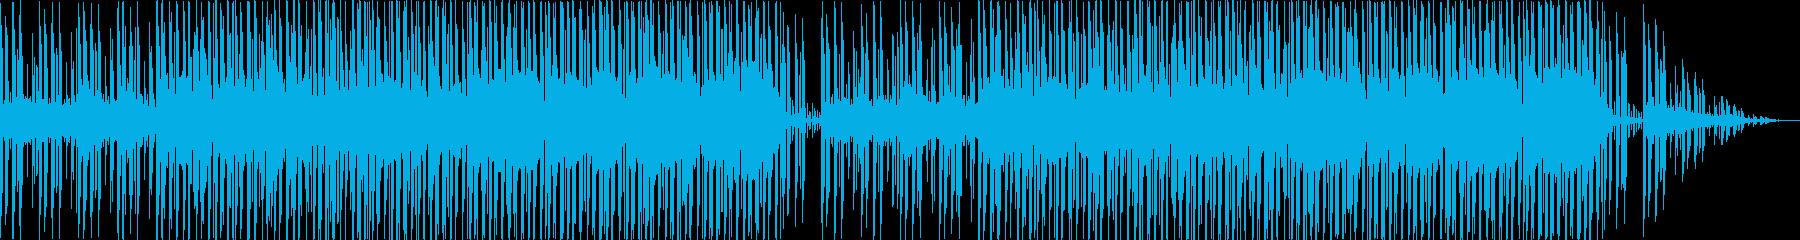 あやしい密林を探索するような民族的な曲の再生済みの波形